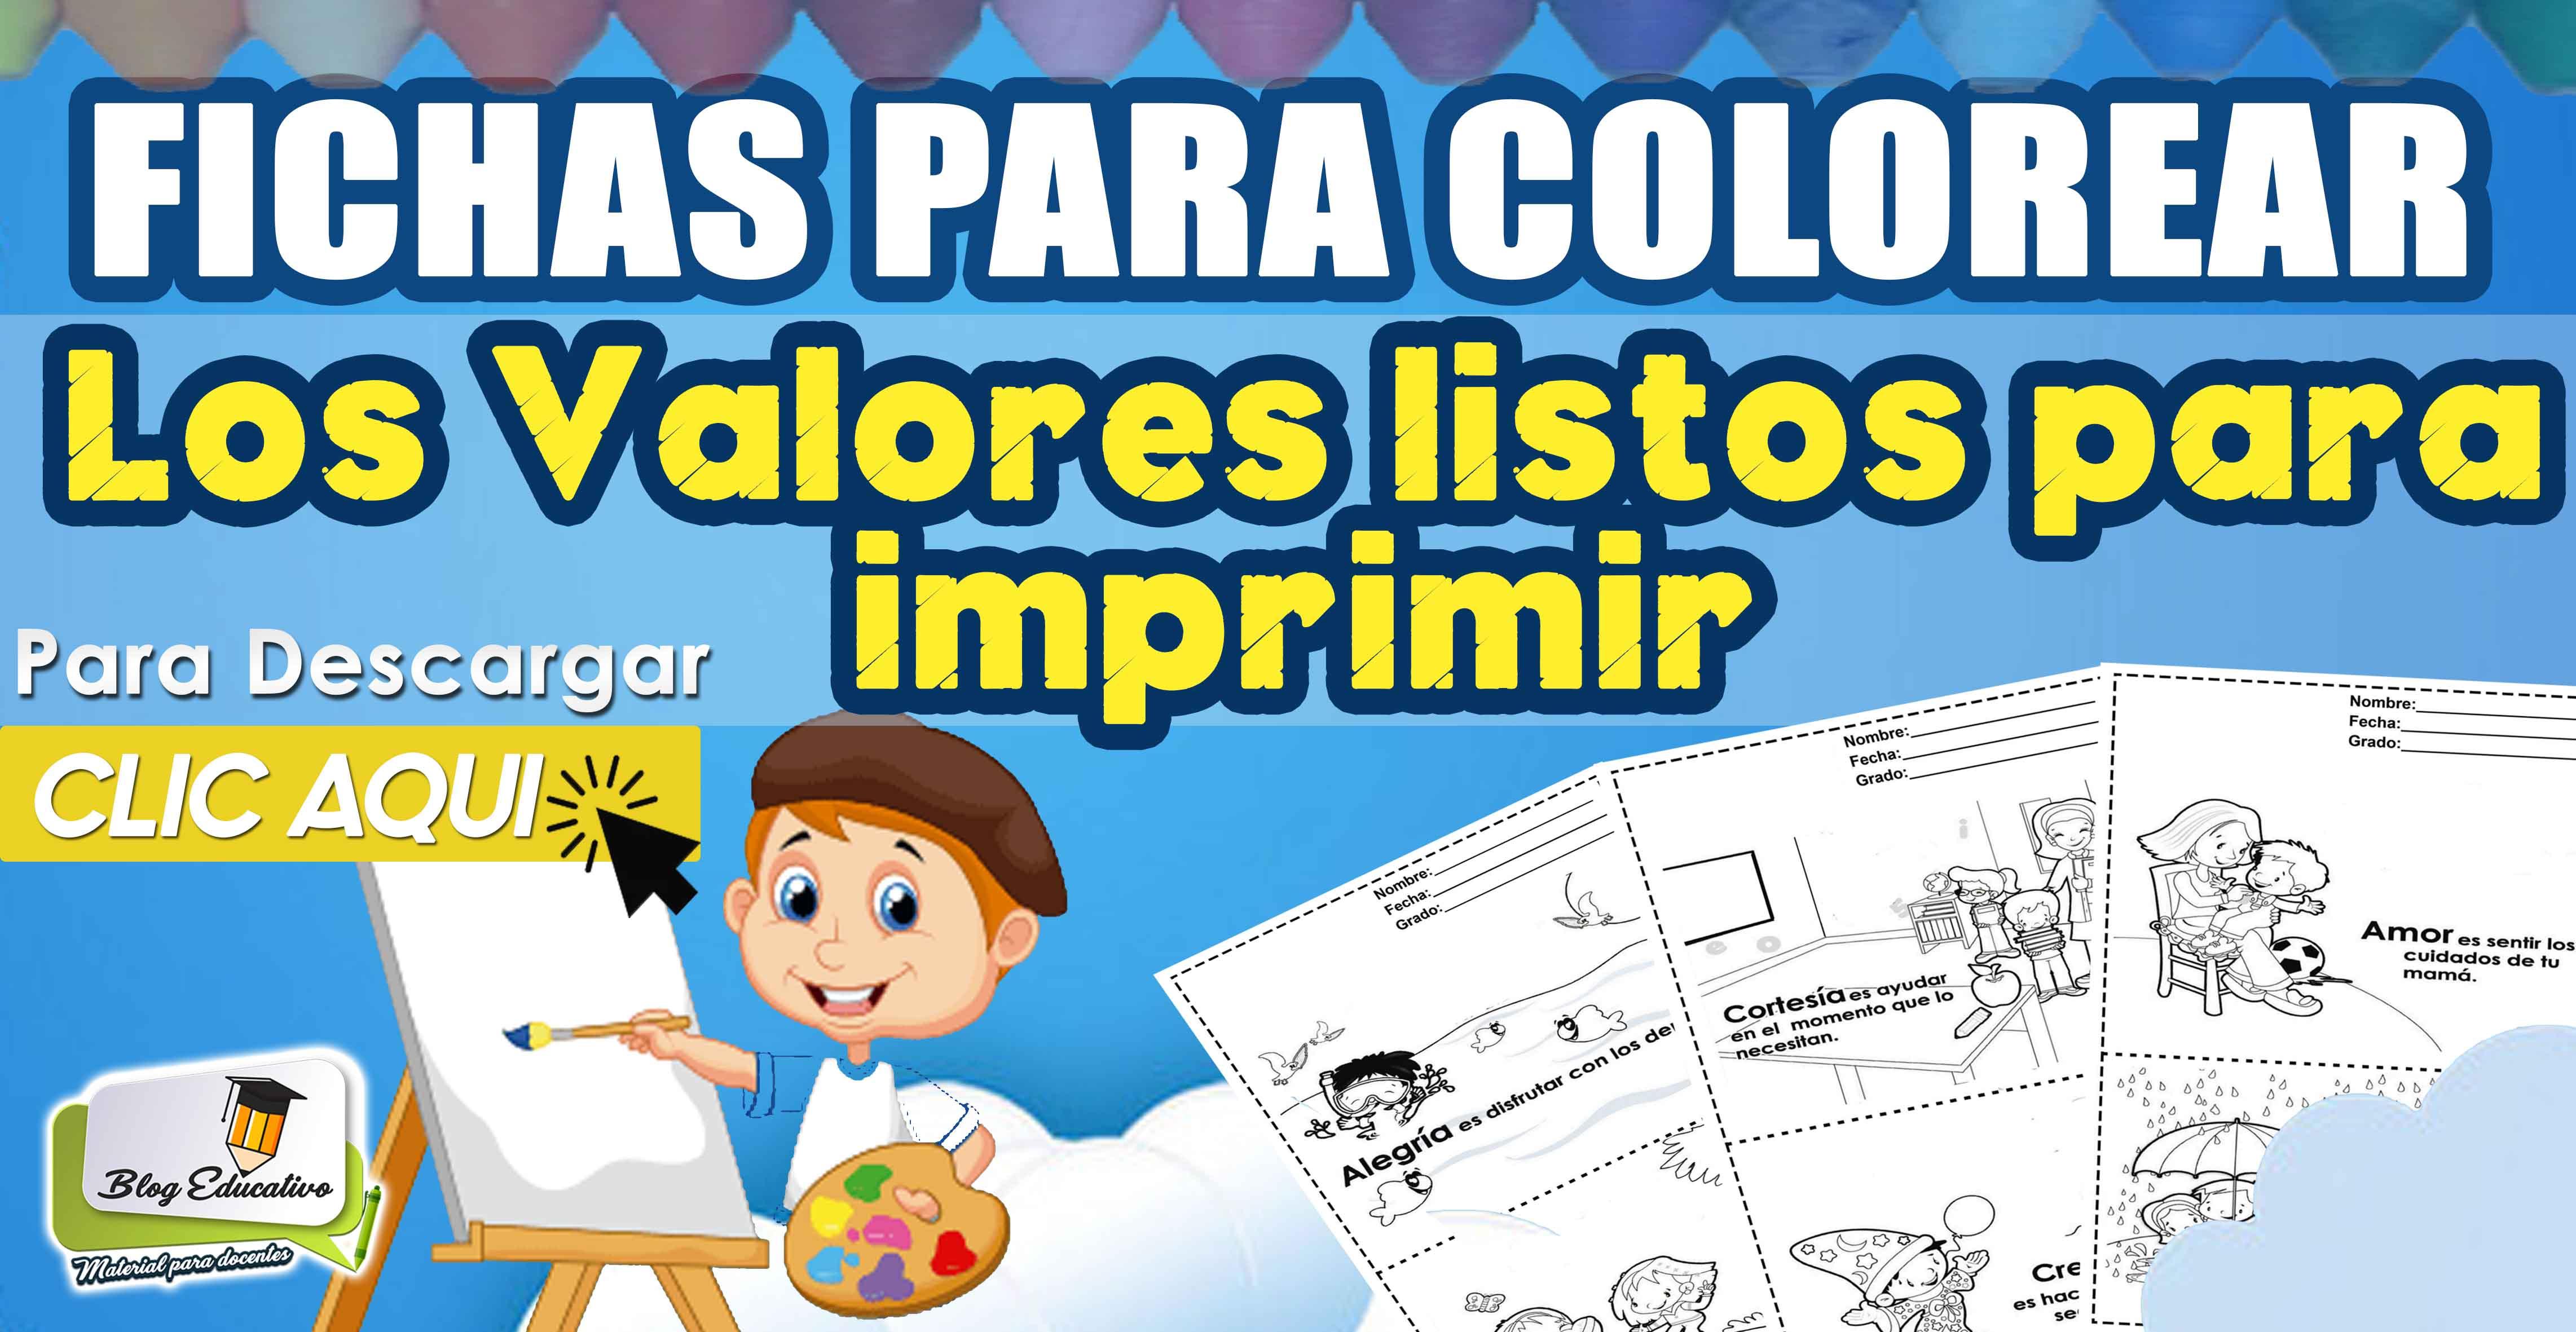 Fichas Para Colorear Los Valores Y Enseñarle La Importancia De Ellos